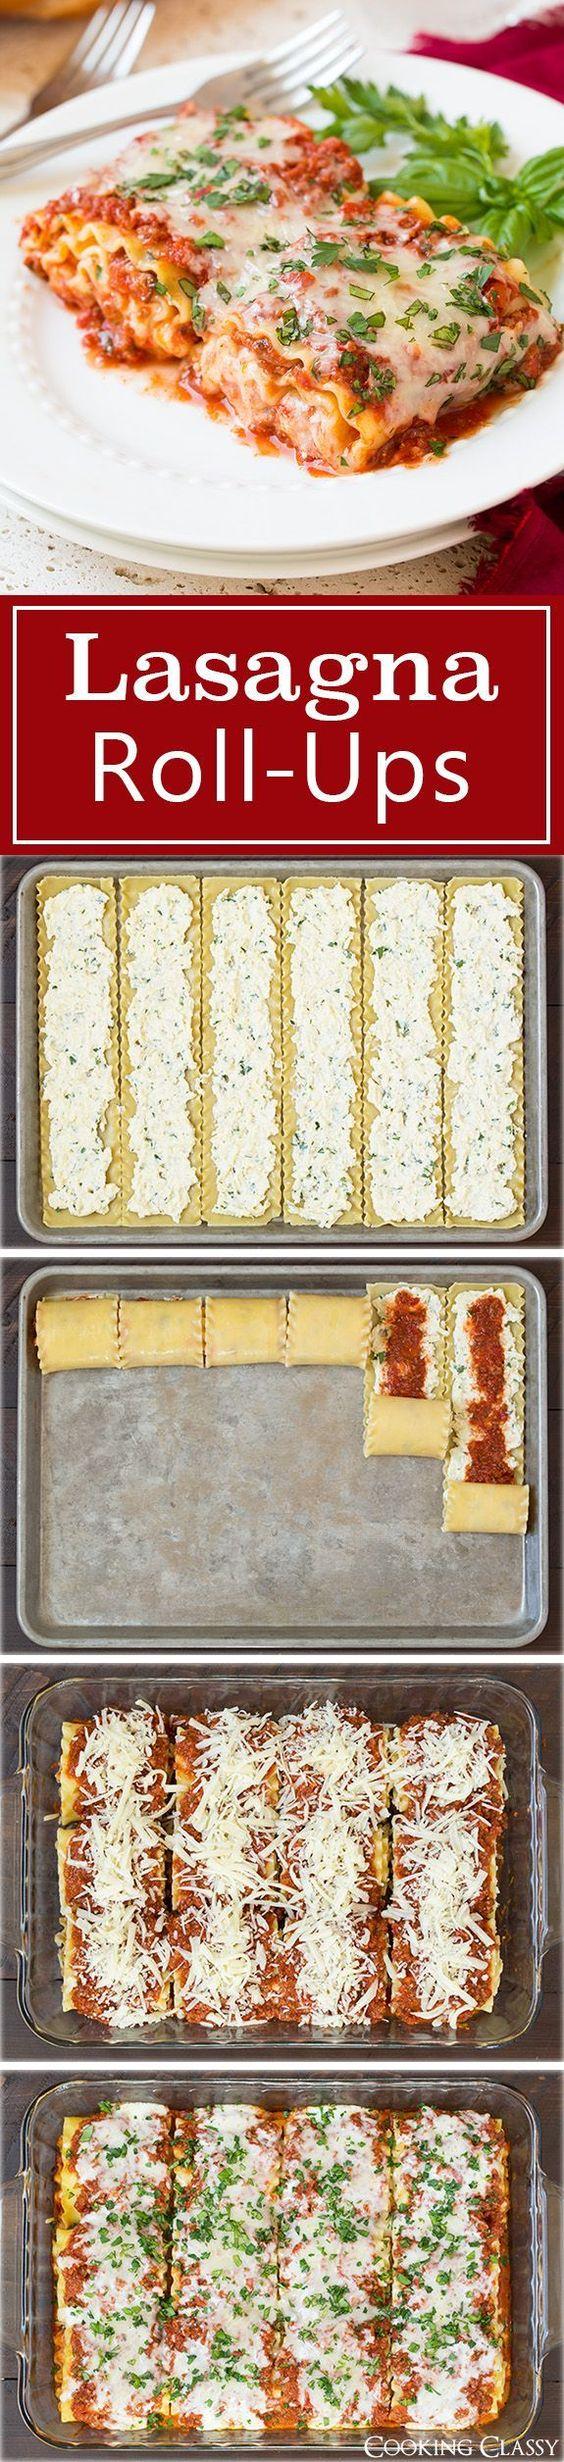 Lasagna Roll Ups Lasagna Roll Ups